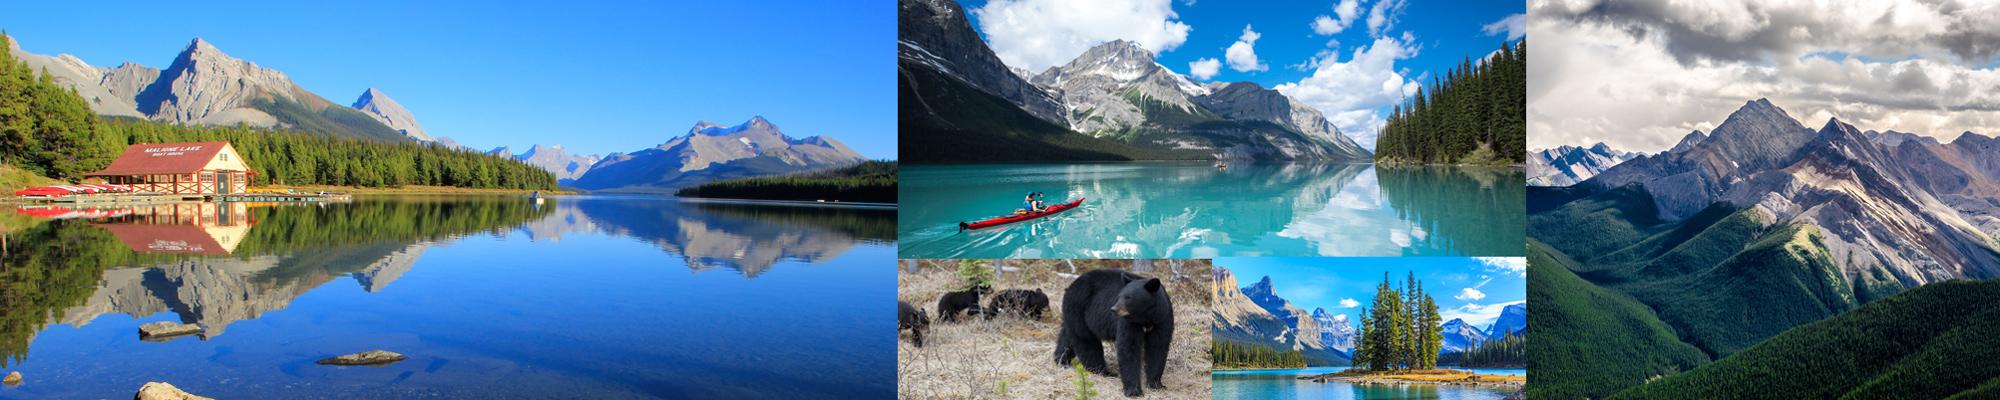 Parco nazionale Jasper in Canada